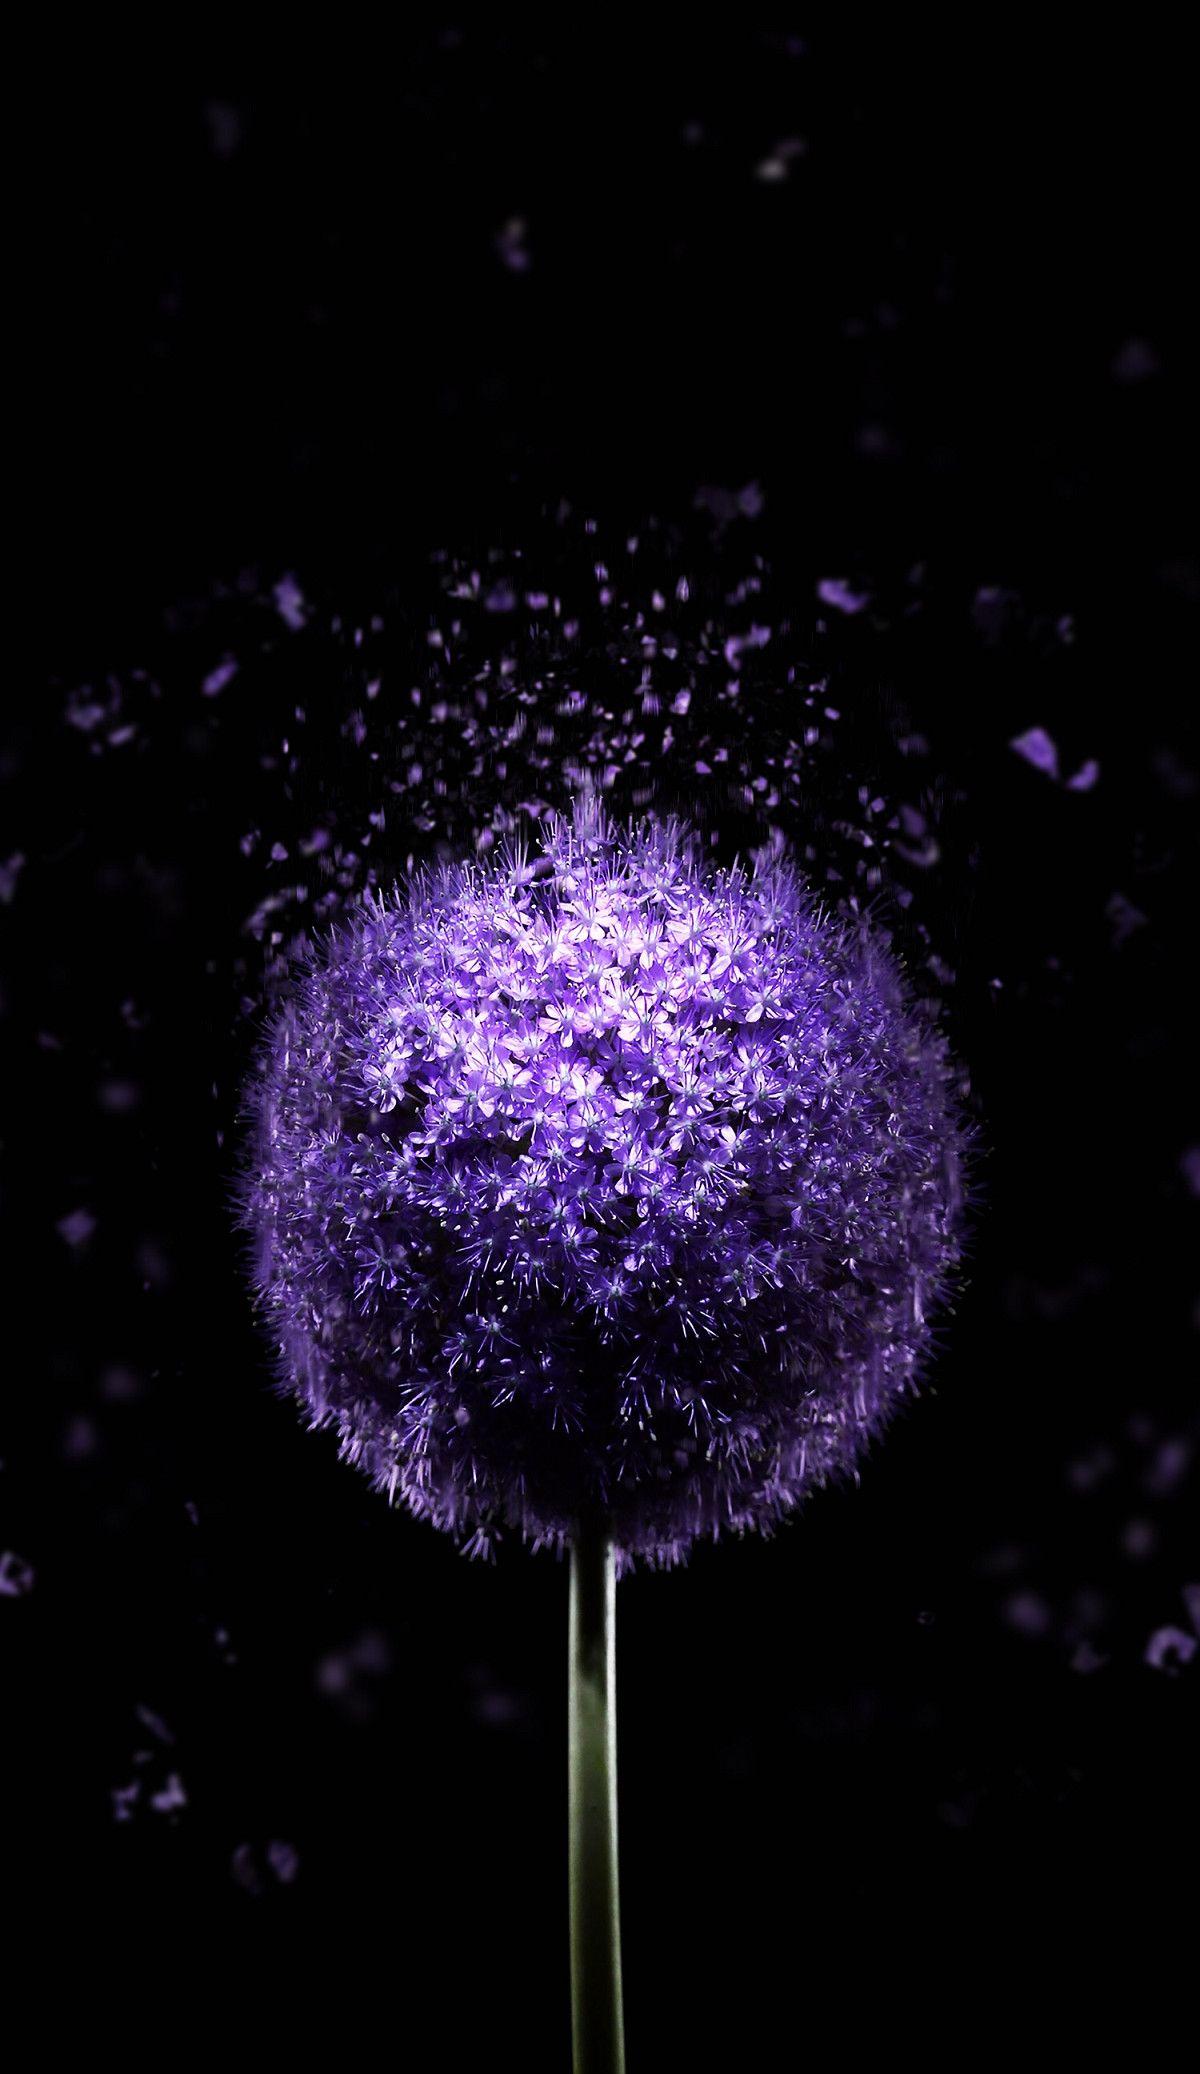 1200x2074 Violet Flower 4k Amoled Wallpaper Nature Iphone Wallpaper Purple Wallpaper Abstract Wallpaper